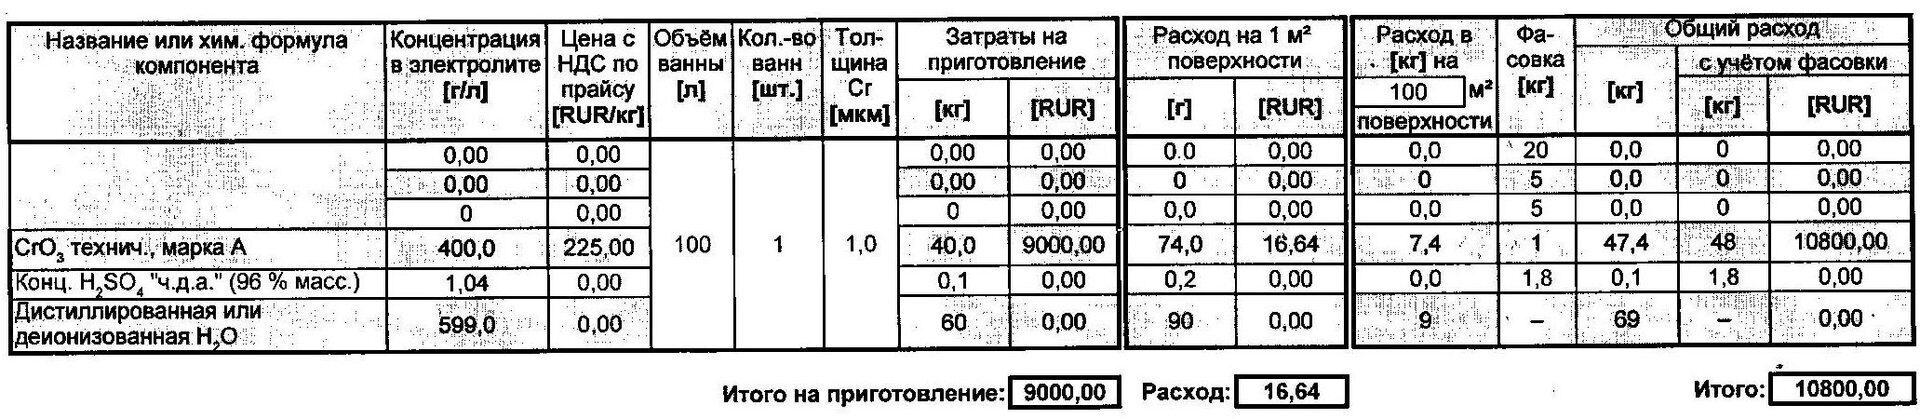 Расчет-Chemeta-Cr-2.pdf